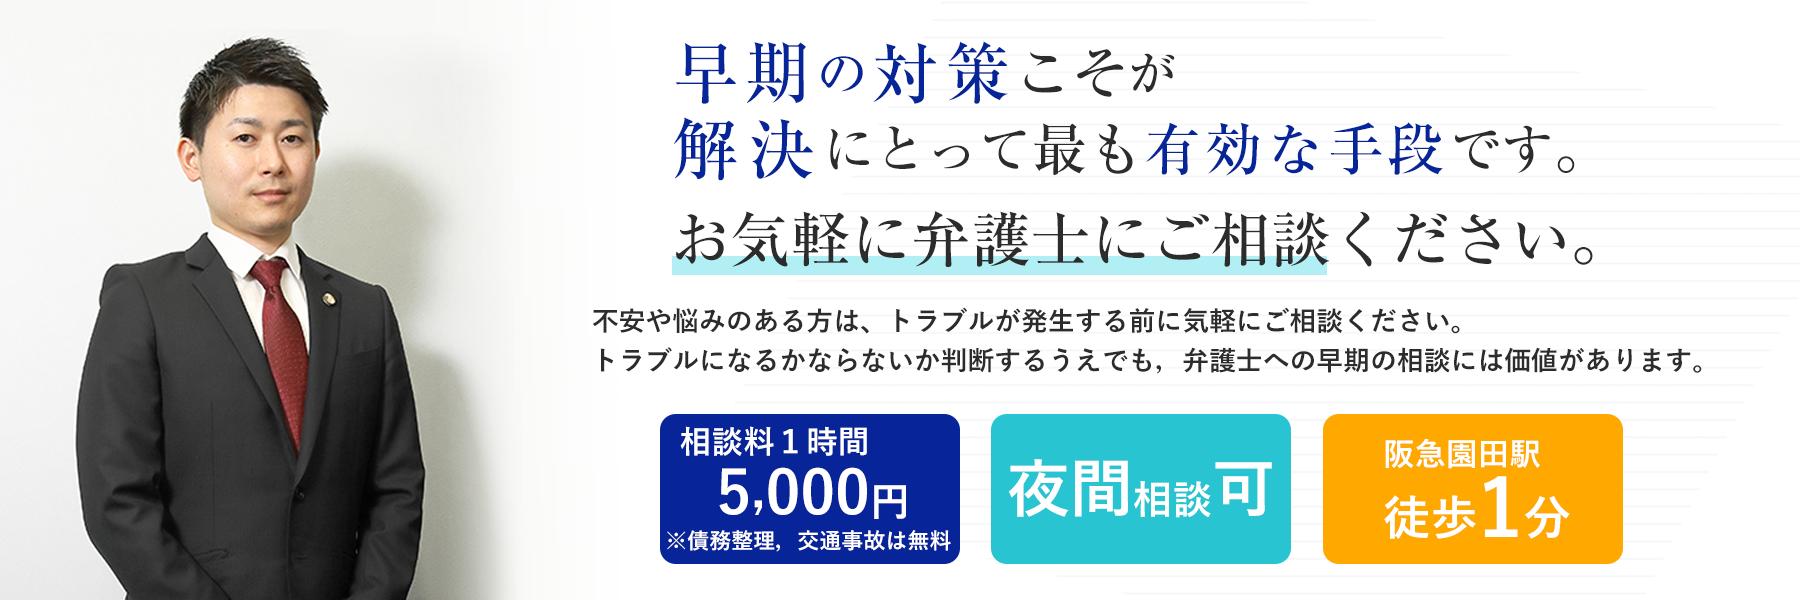 尼崎・園田町 園田法律事務所 弁護士